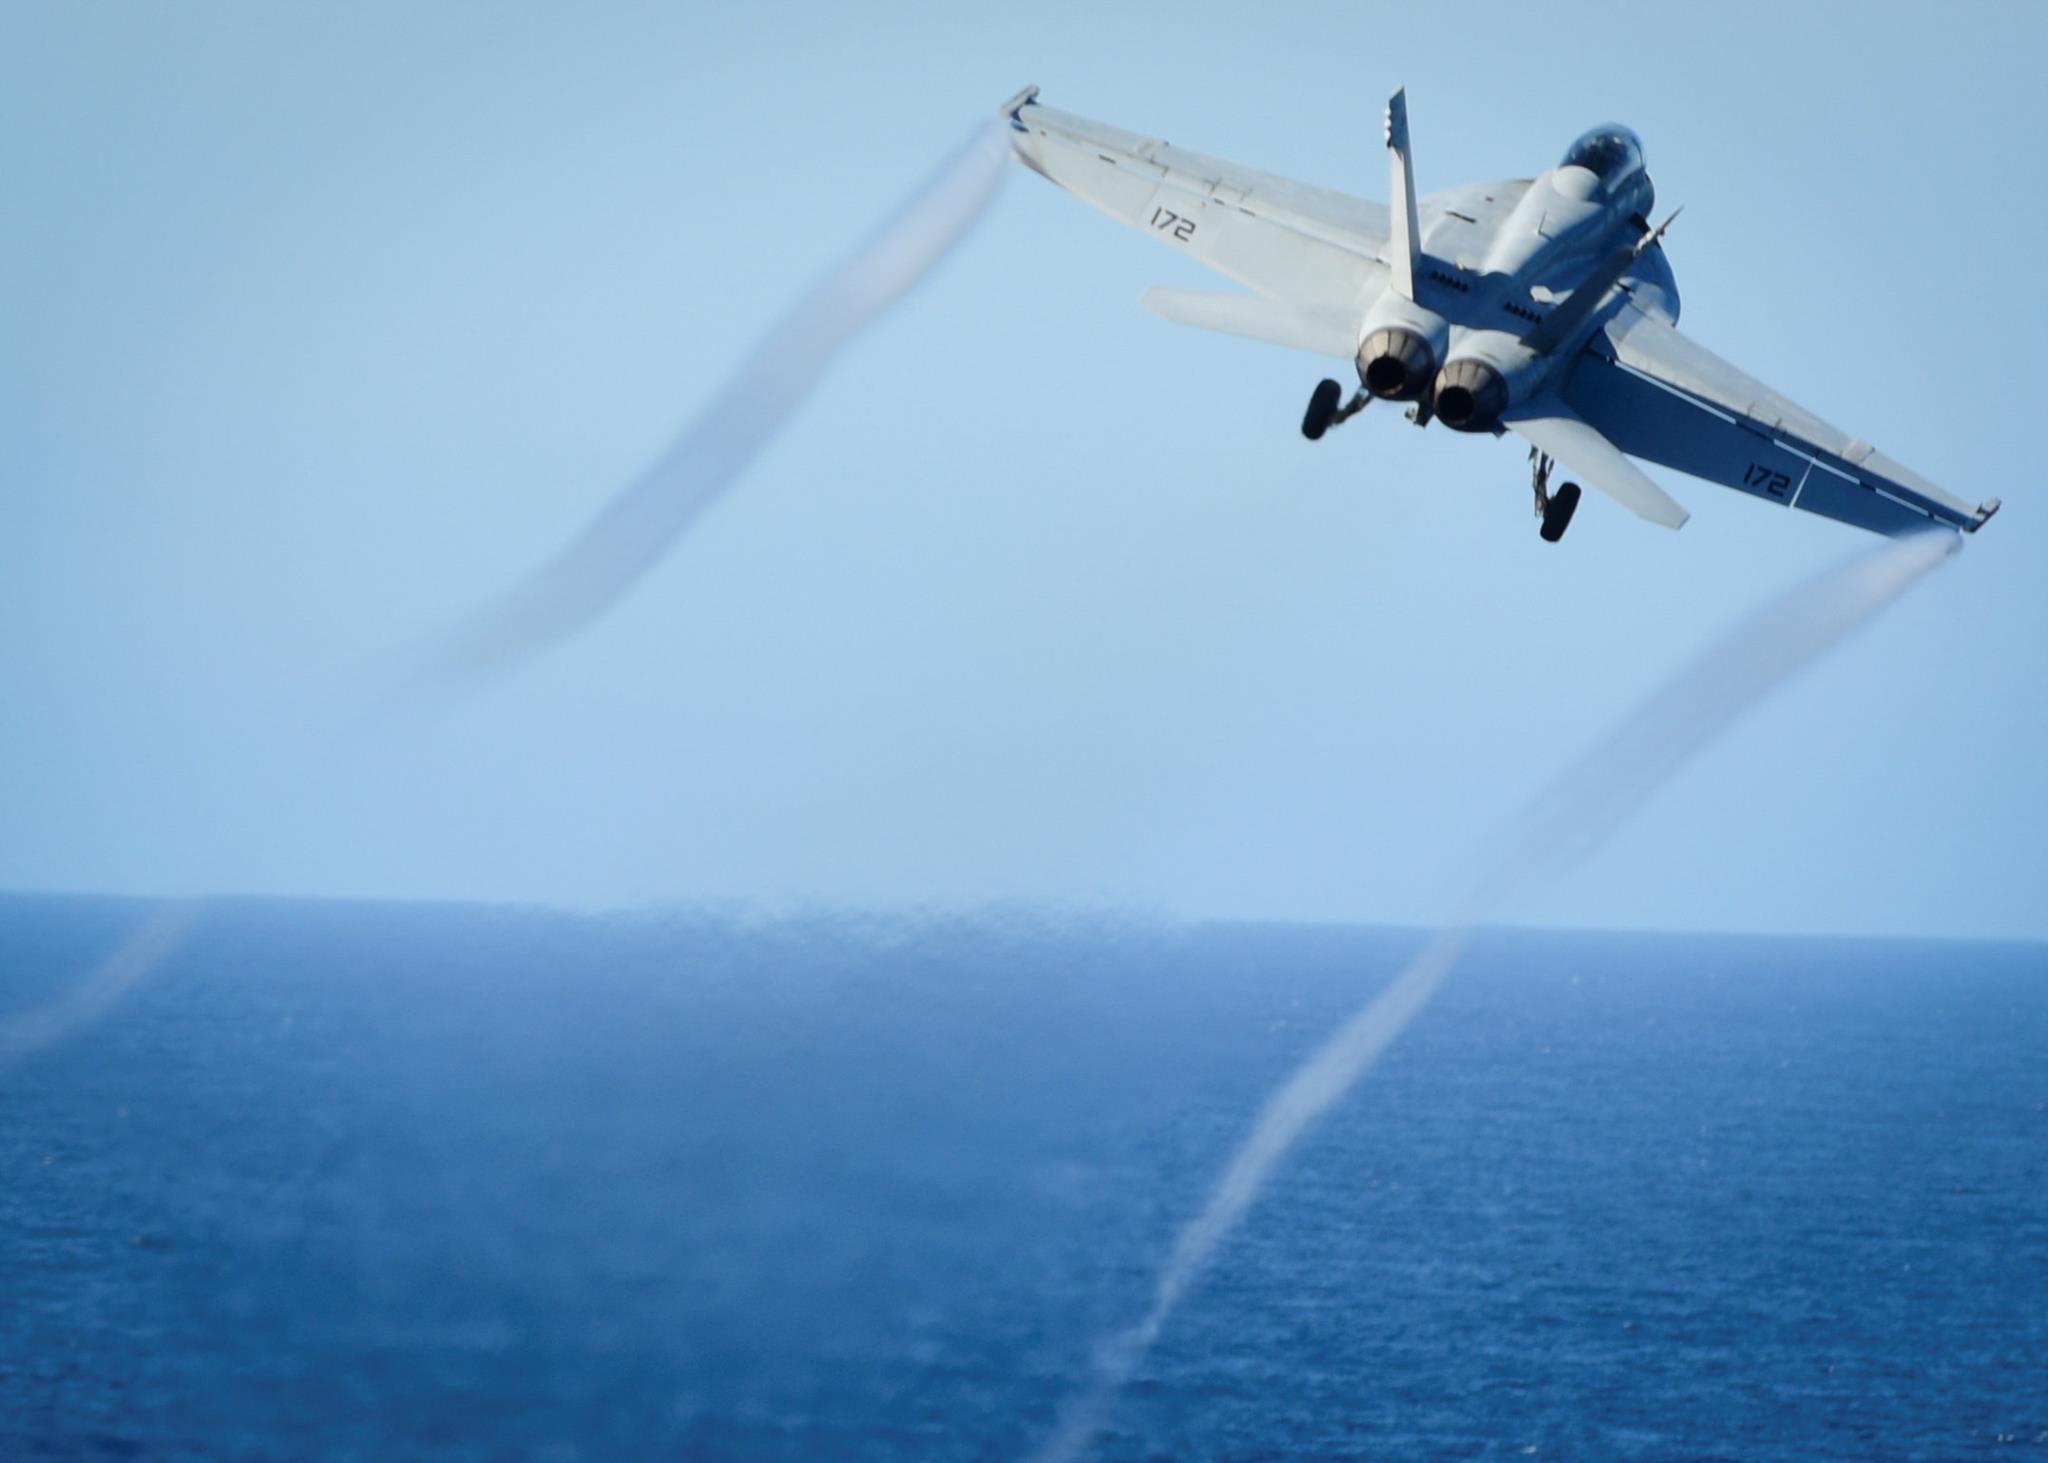 Um caça norte-americano F/A-18E Super Hornet abateu um Sukhoi Su-22 sírio